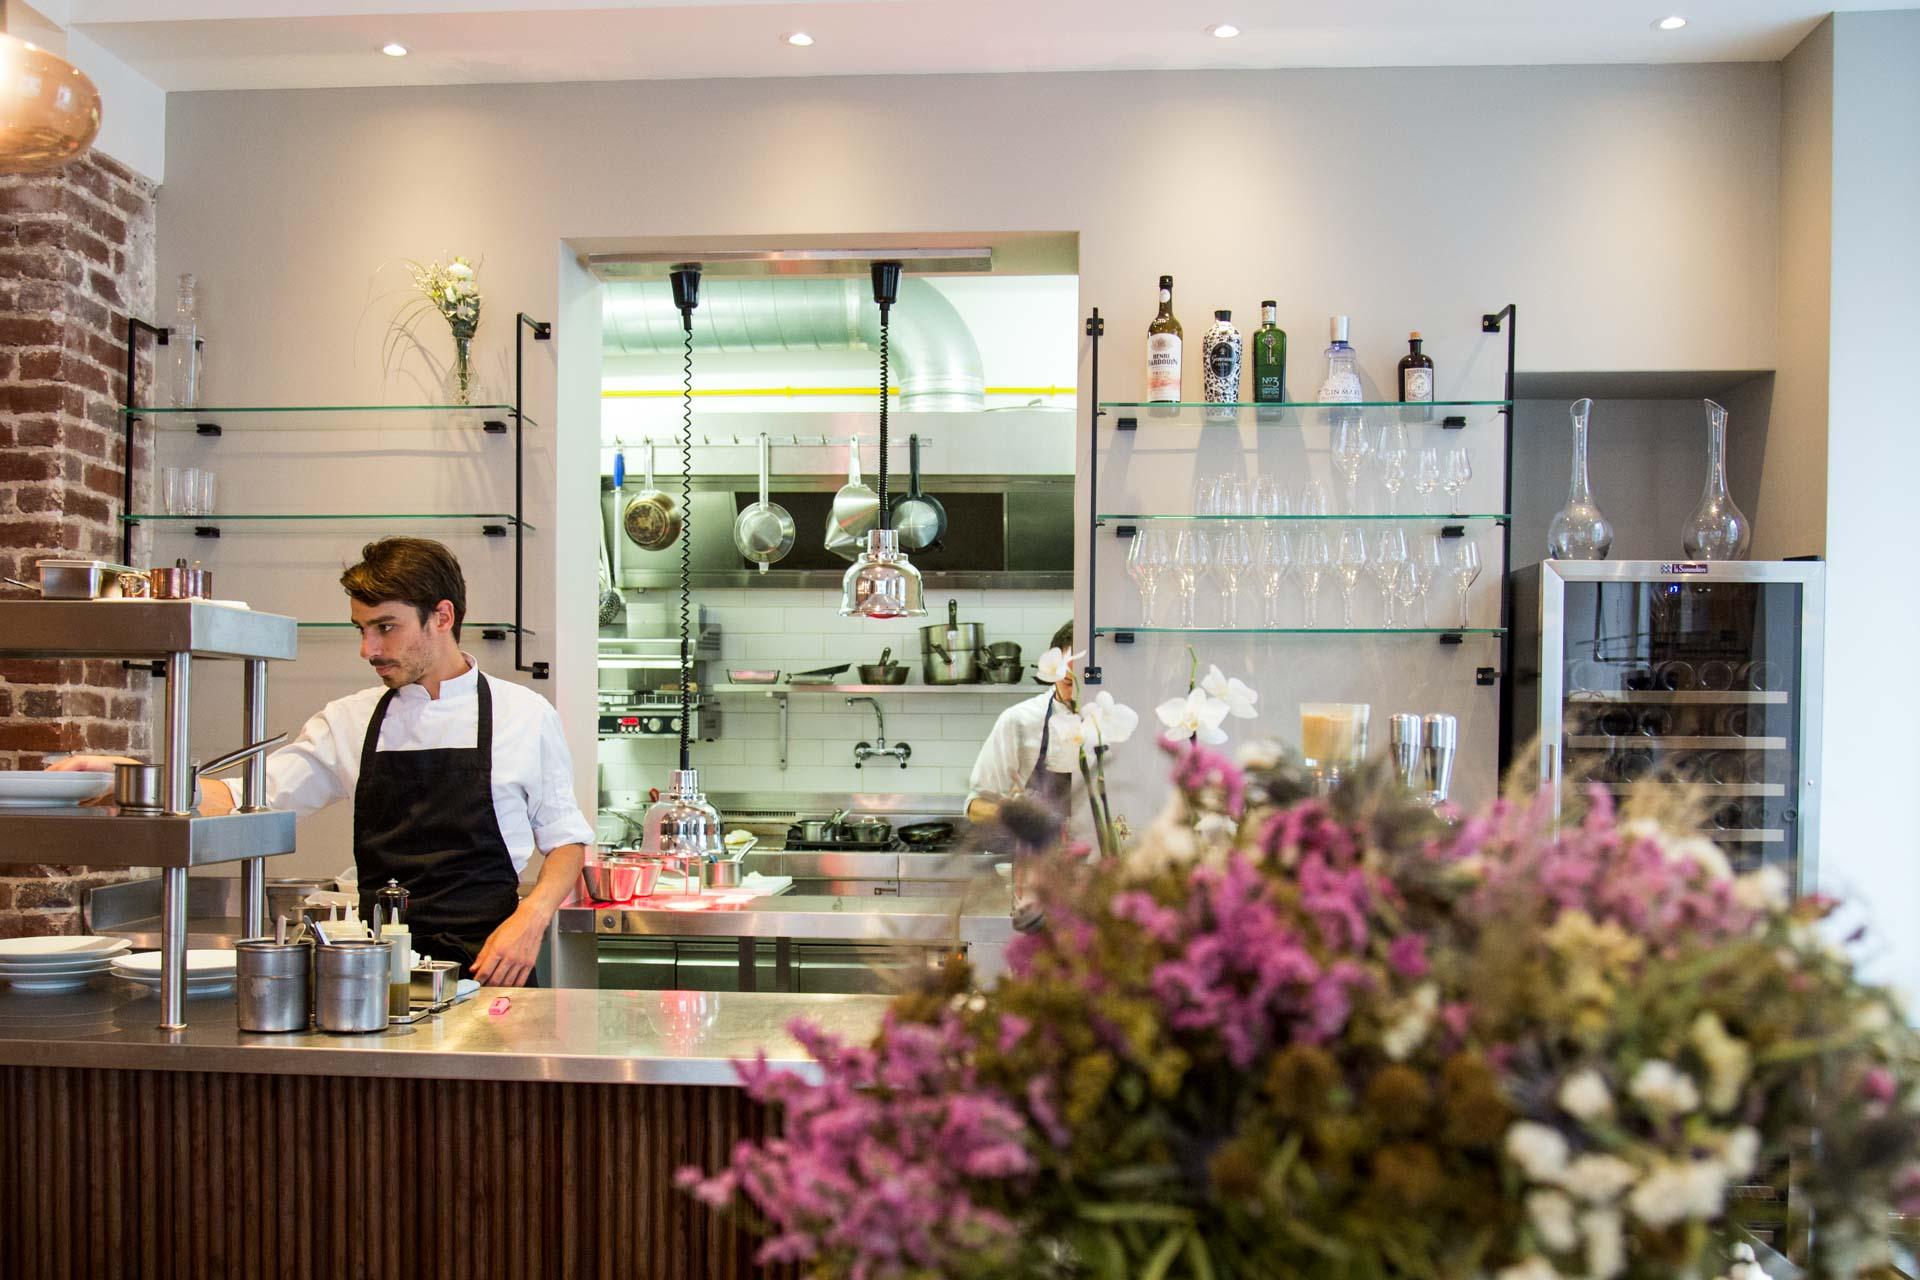 En pleine torpeur estivale, le chef Adrien Ferrand (ex Ze Kitchen Galerie et KGB) ouvrait Eels (l'anguille en VF), son premier restaurant au cœur d'un 10ème arrondissement, devenu épicentre de la nouvelle scène food parisienne. Une adresse réussie à tout point de vue.